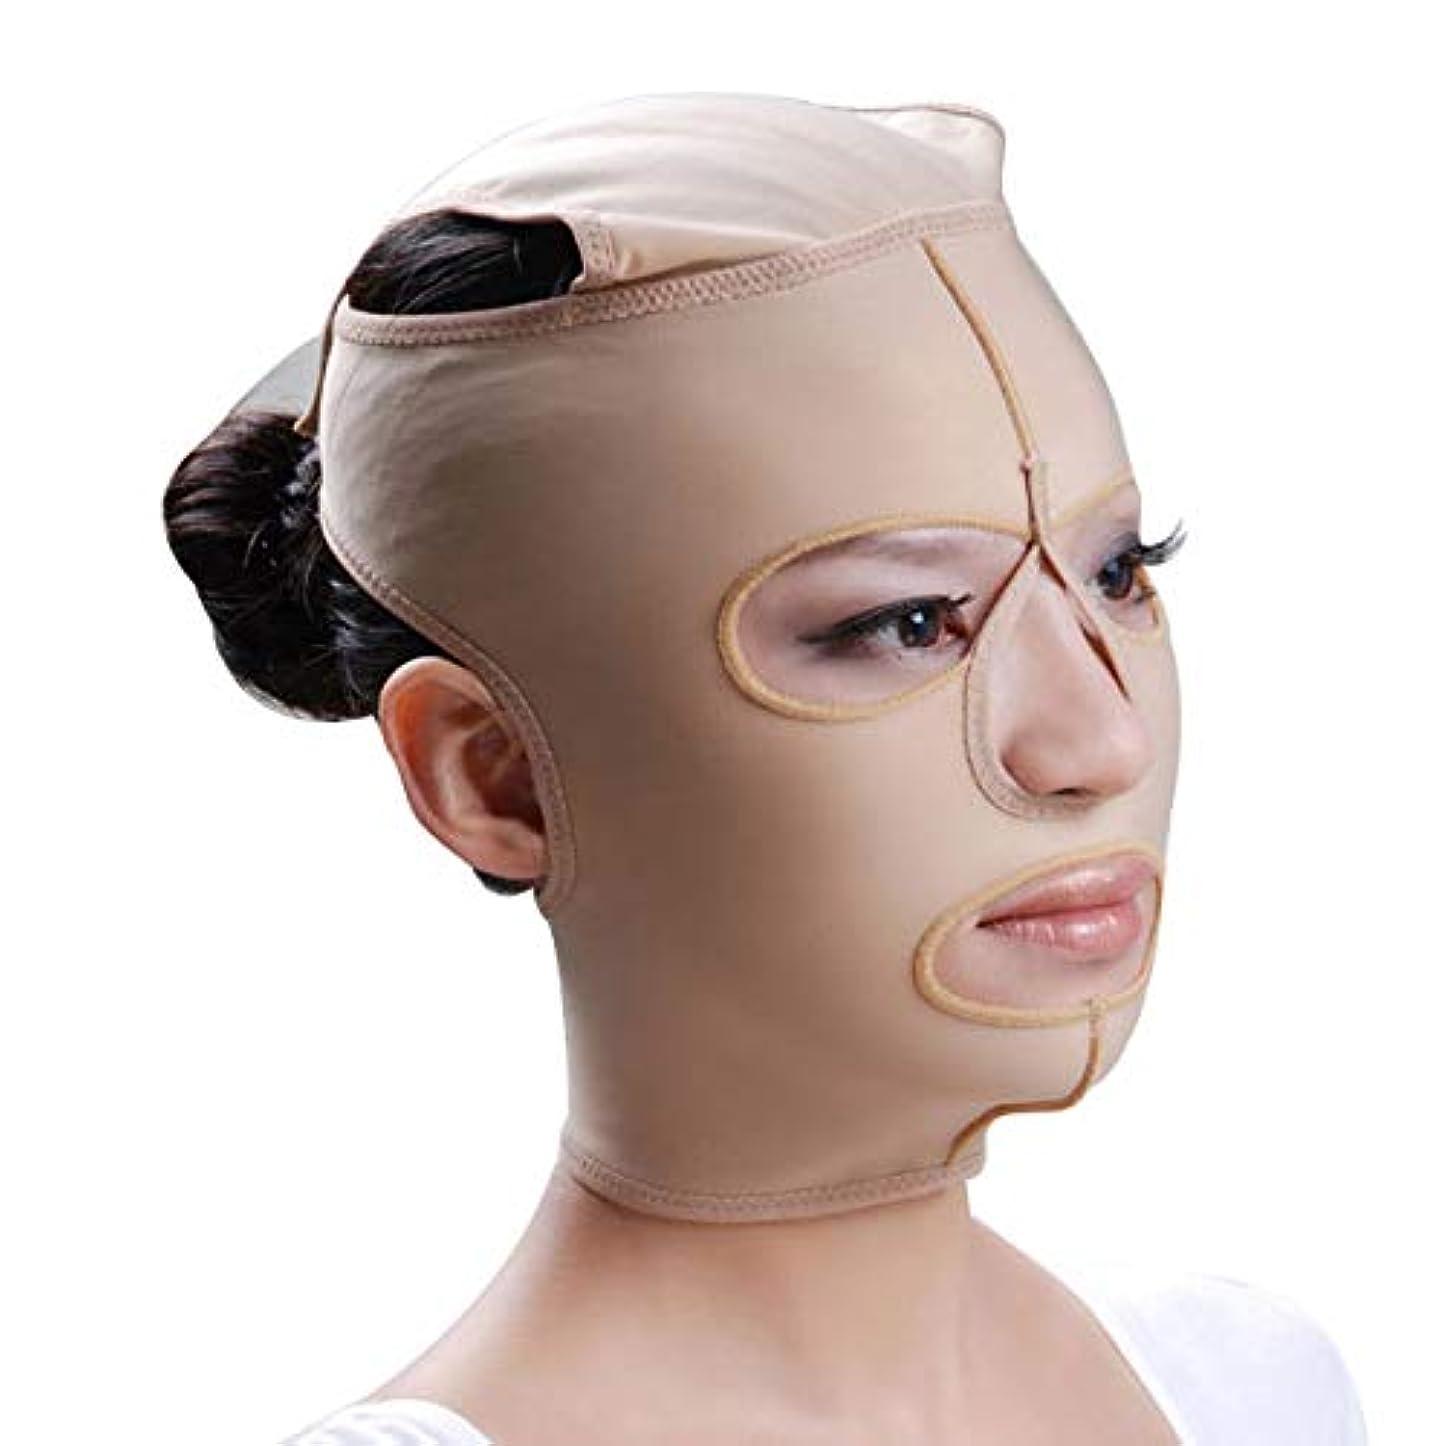 立派なボランティアアスペクトXHLMRMJ 引き締めフェイスマスク、フェイシャルマスク弾性フェイスリフティングリフティング引き締めパターンマイクロ仕上げポストモデリング圧縮フェイスマスク (Size : S)